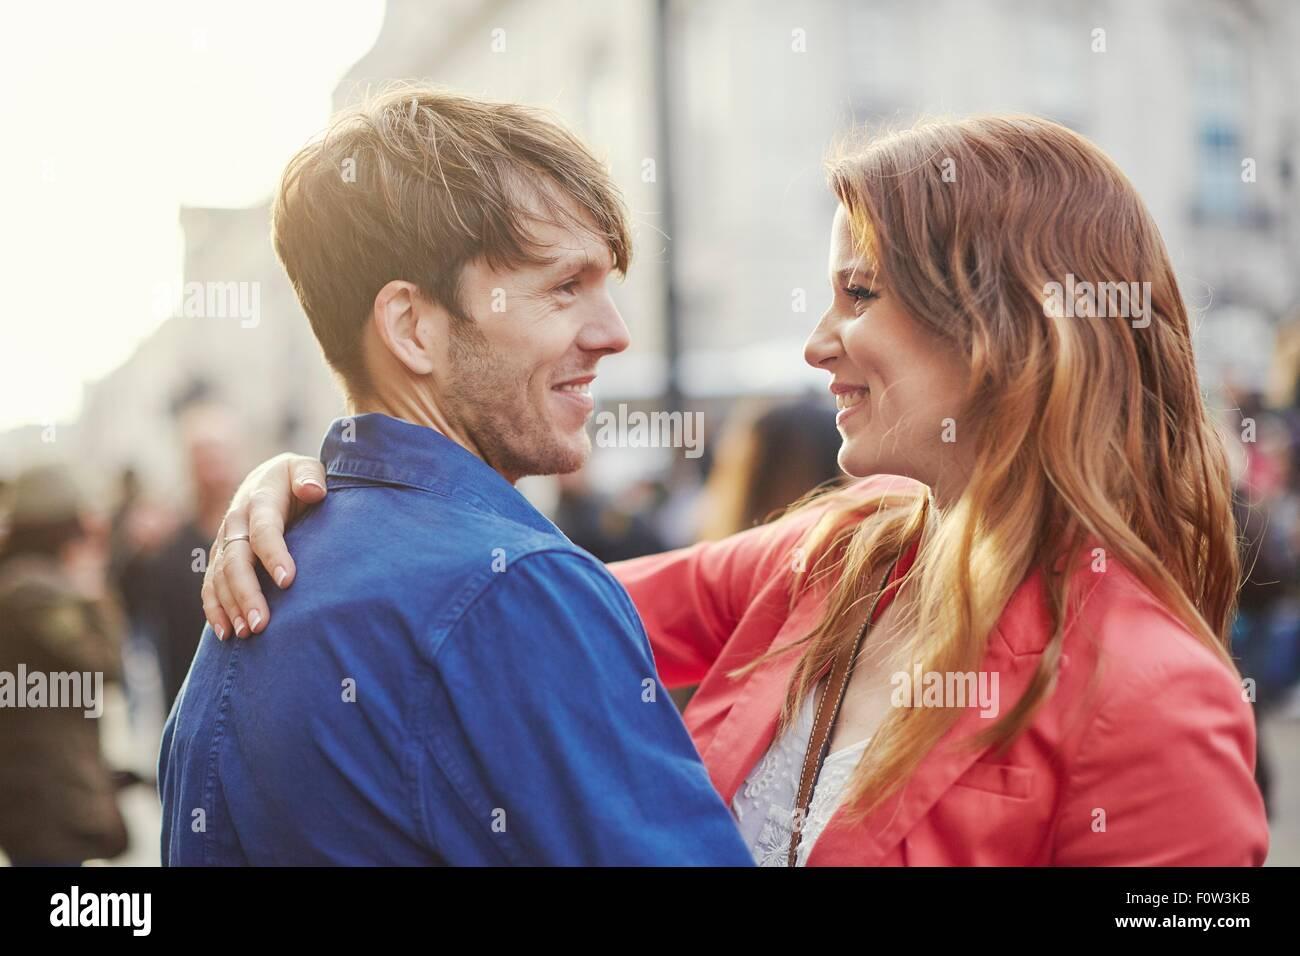 Coppia romantica faccia a faccia sulla Street, Londra, Regno Unito Immagini Stock